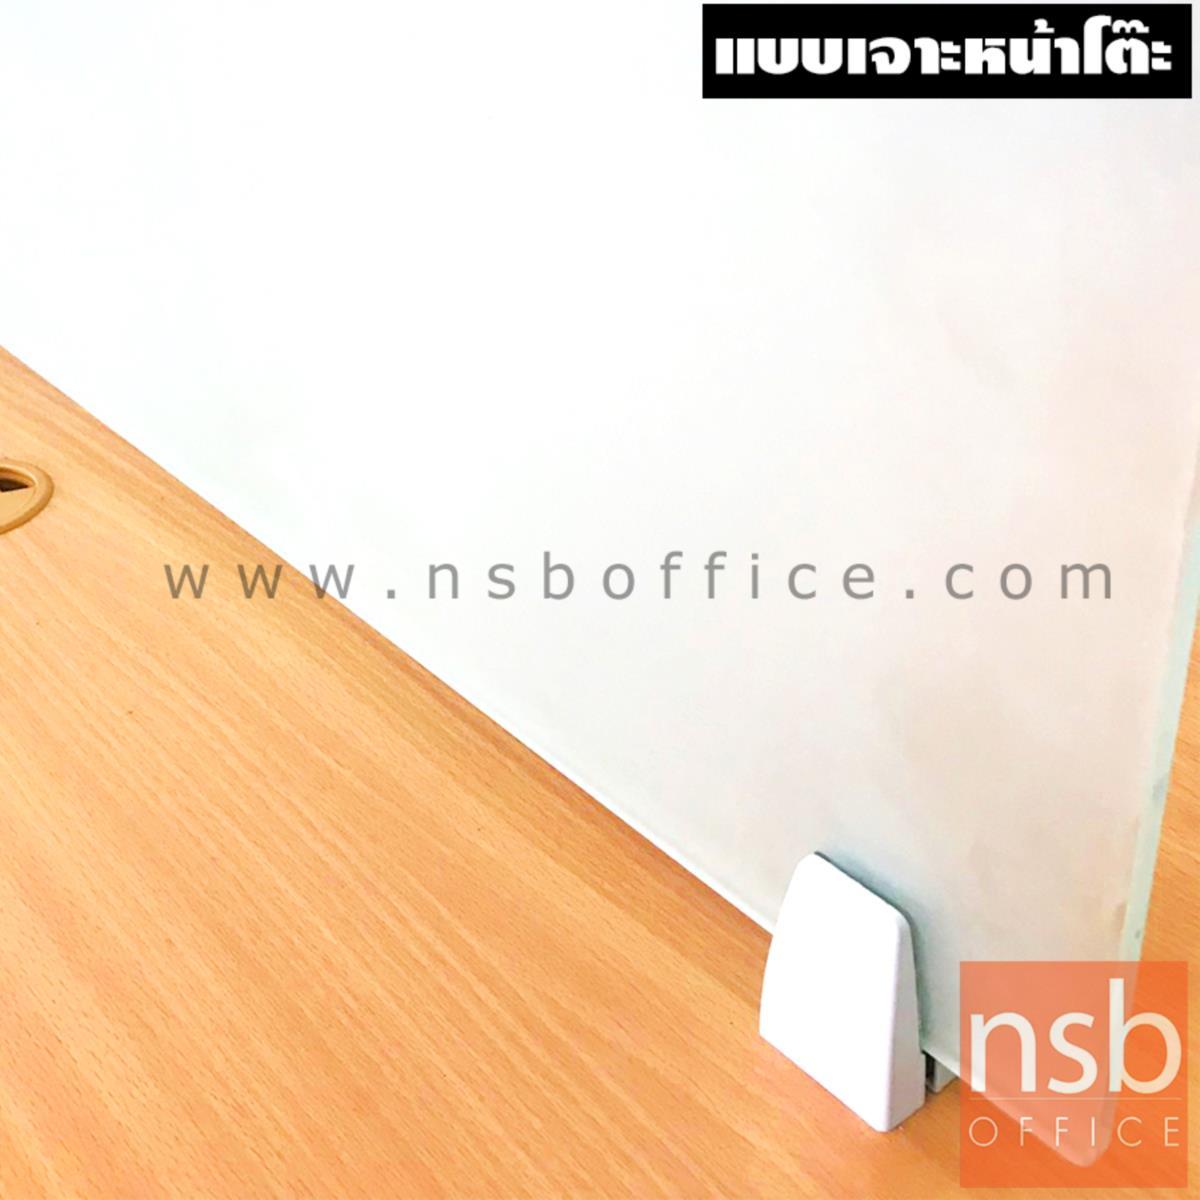 มินิสกรีนกระจก รุ่น NSB-M2  พร้อมตัวจับอลูมิเนียม แบบเจาะหน้าโต๊ะ